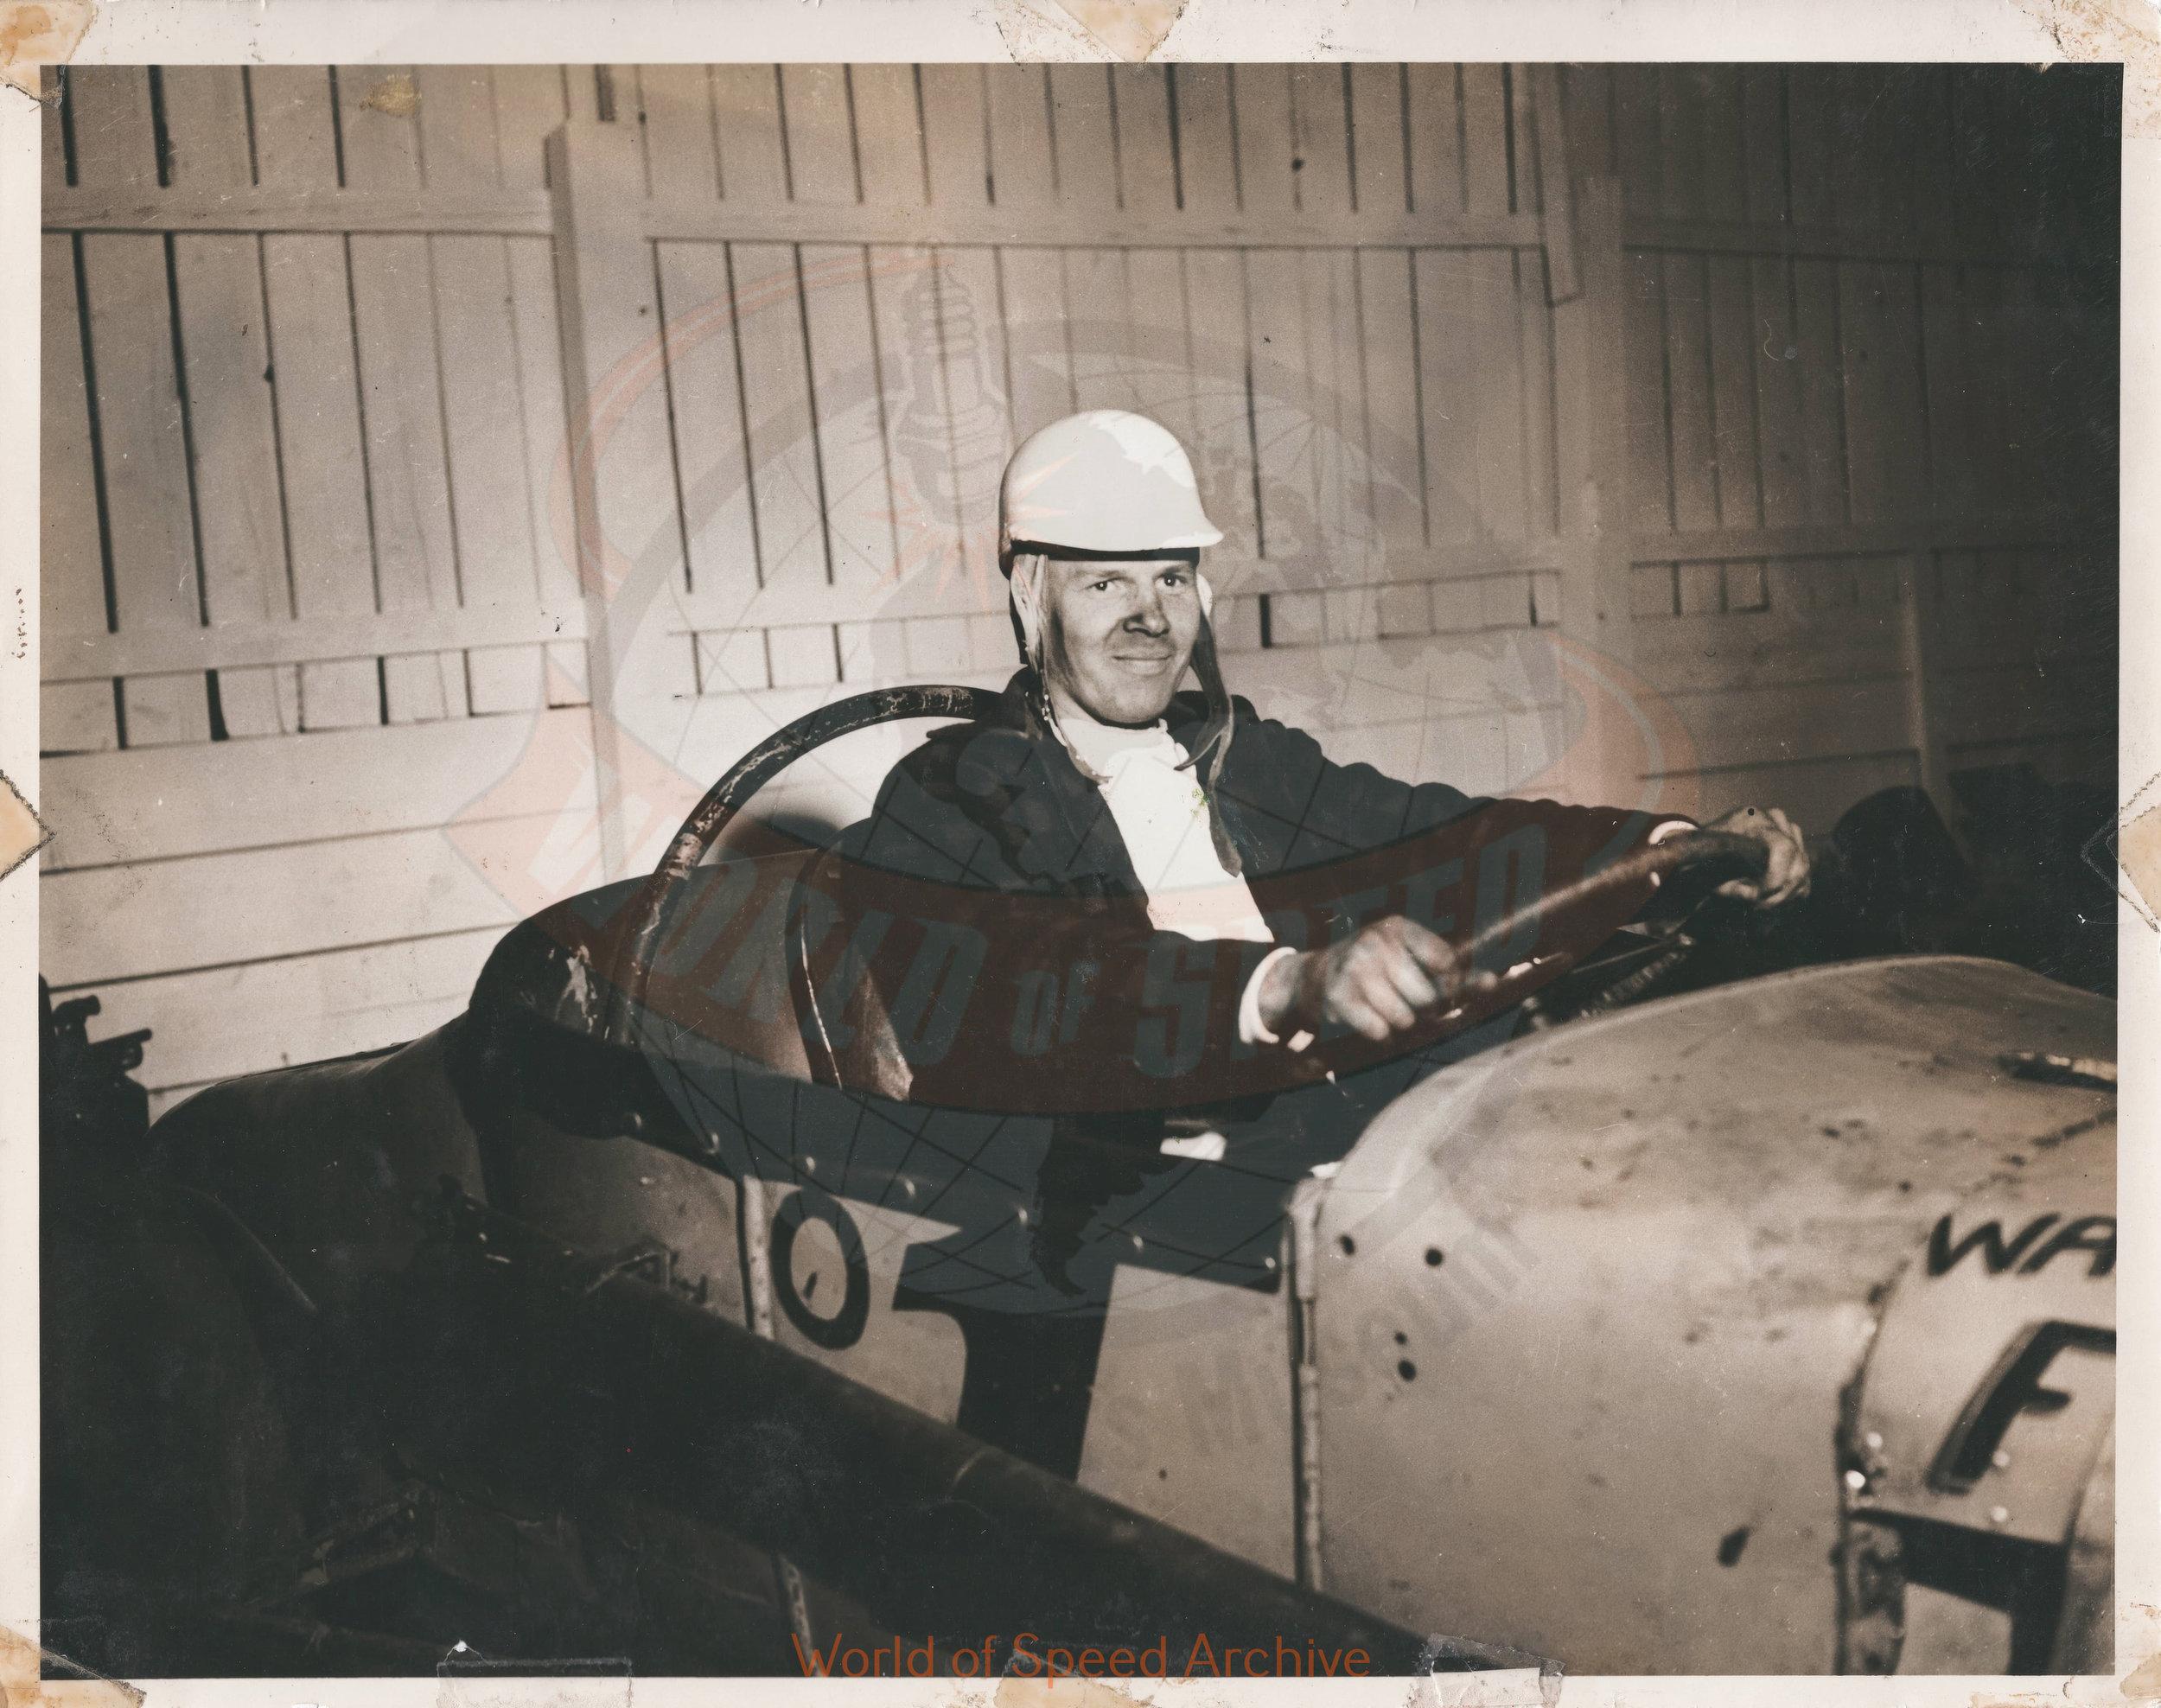 JG.08.A - Ernie Koch, 1950 Salem Hollywood Bowl Champion